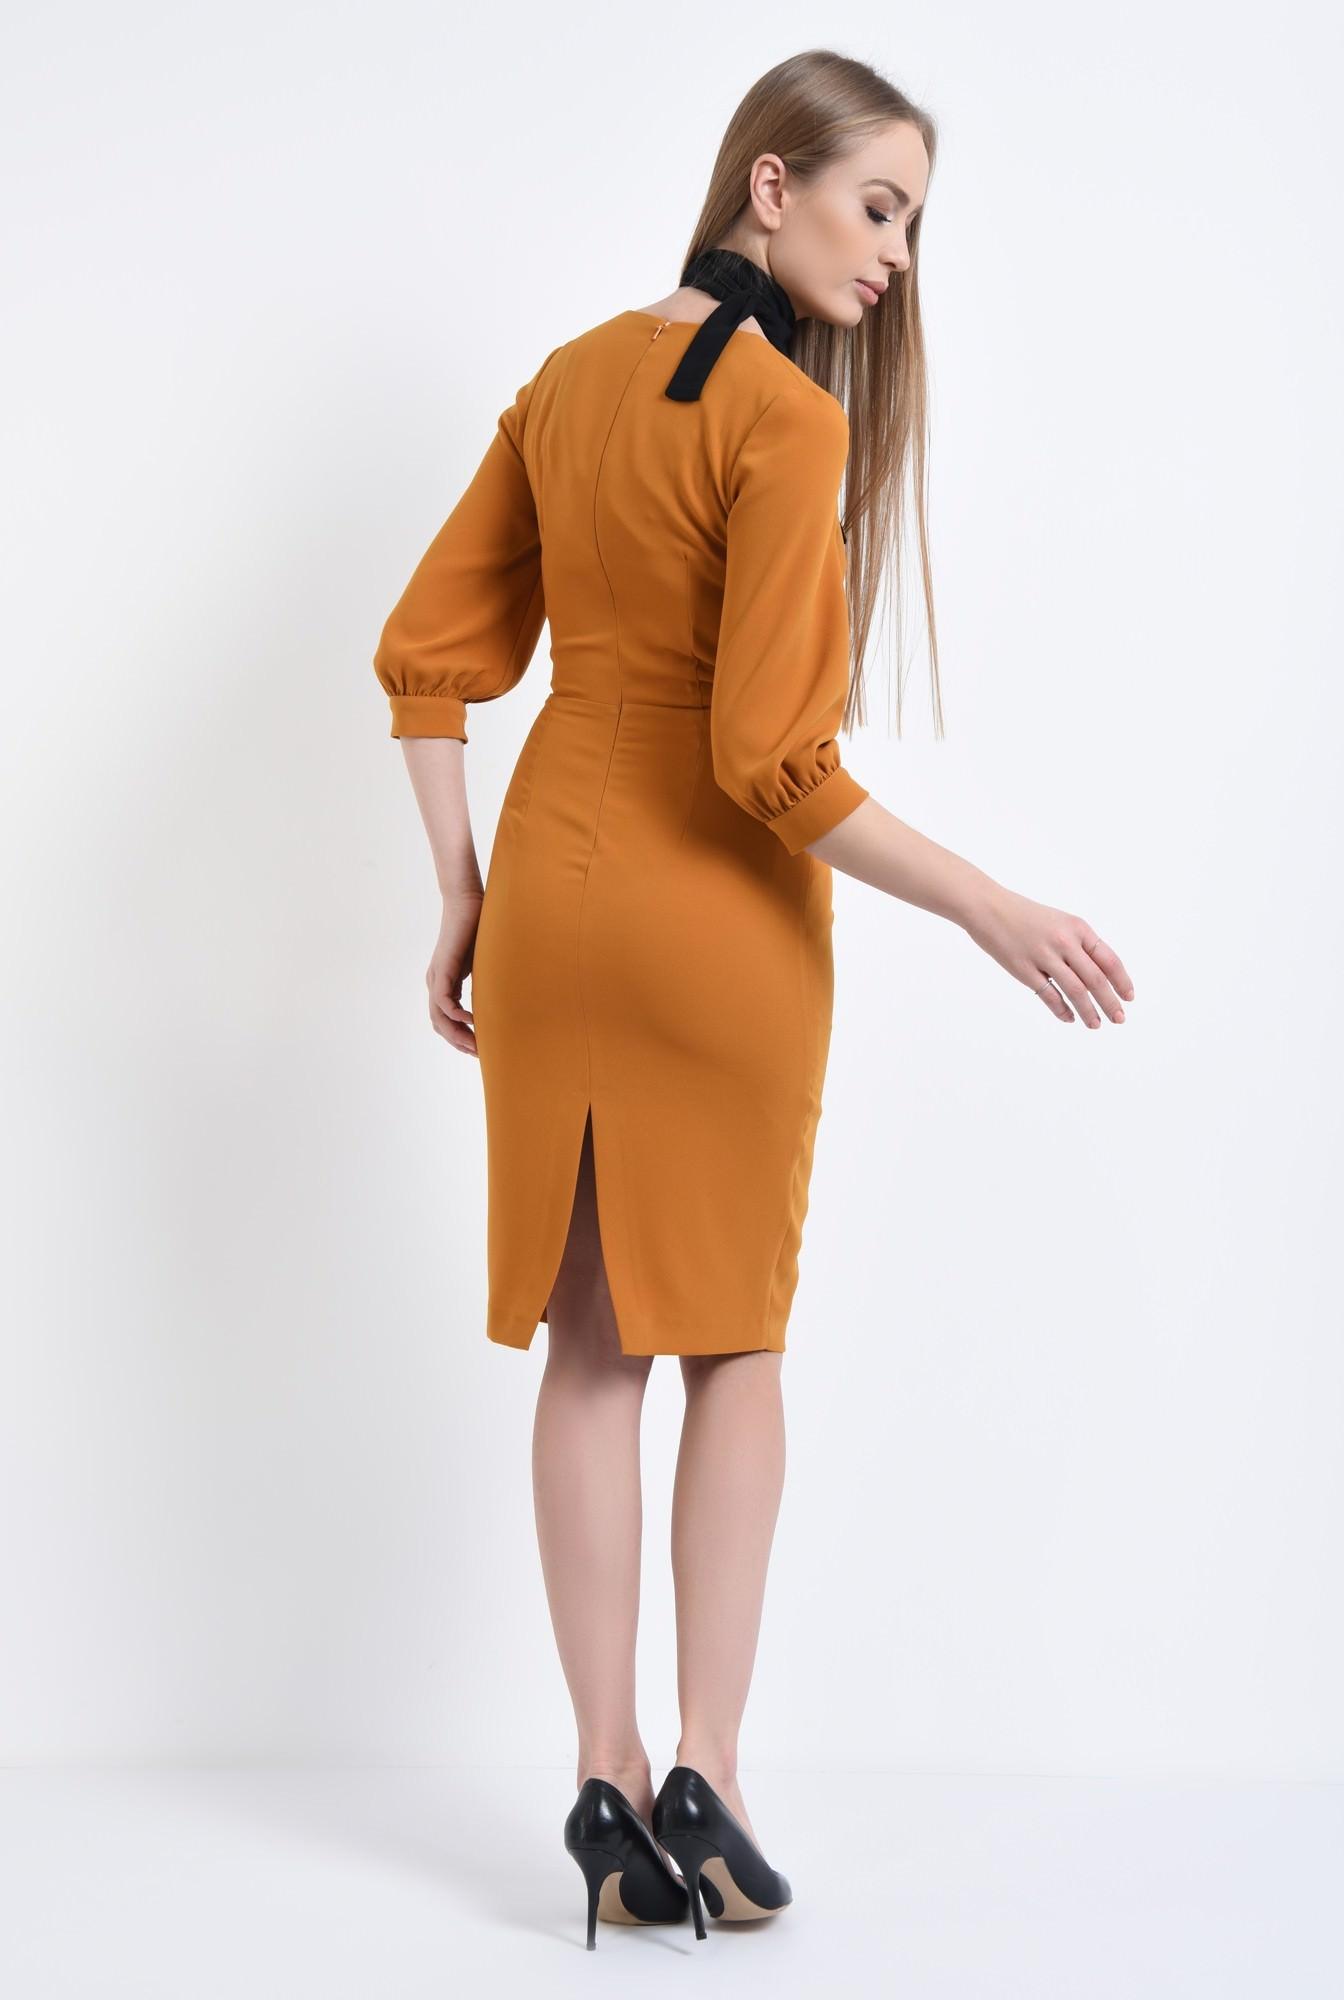 1 - 360 - Rochie casual mustar, fermoar, rochii de dama online